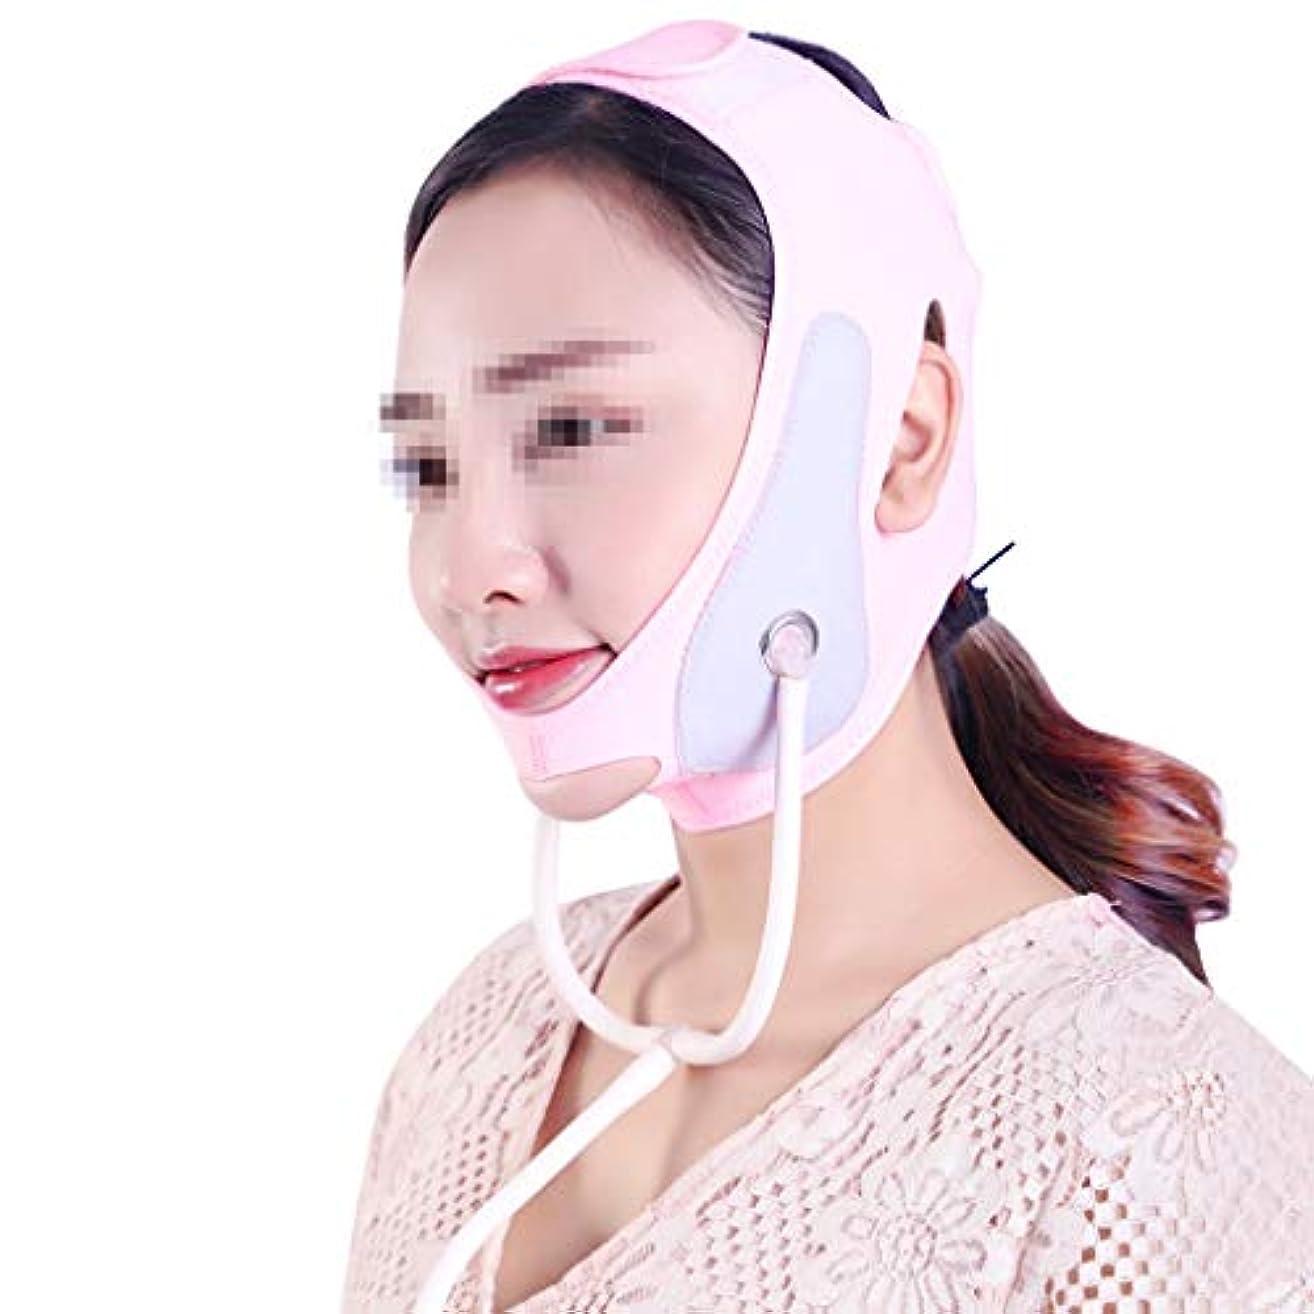 バレエ普遍的なクレジットインフレータブルフェイスリフティングマスク、小さなvフェイスステッカーリフトプル形状筋肉引き締めスキンダブルチン包帯ピンク